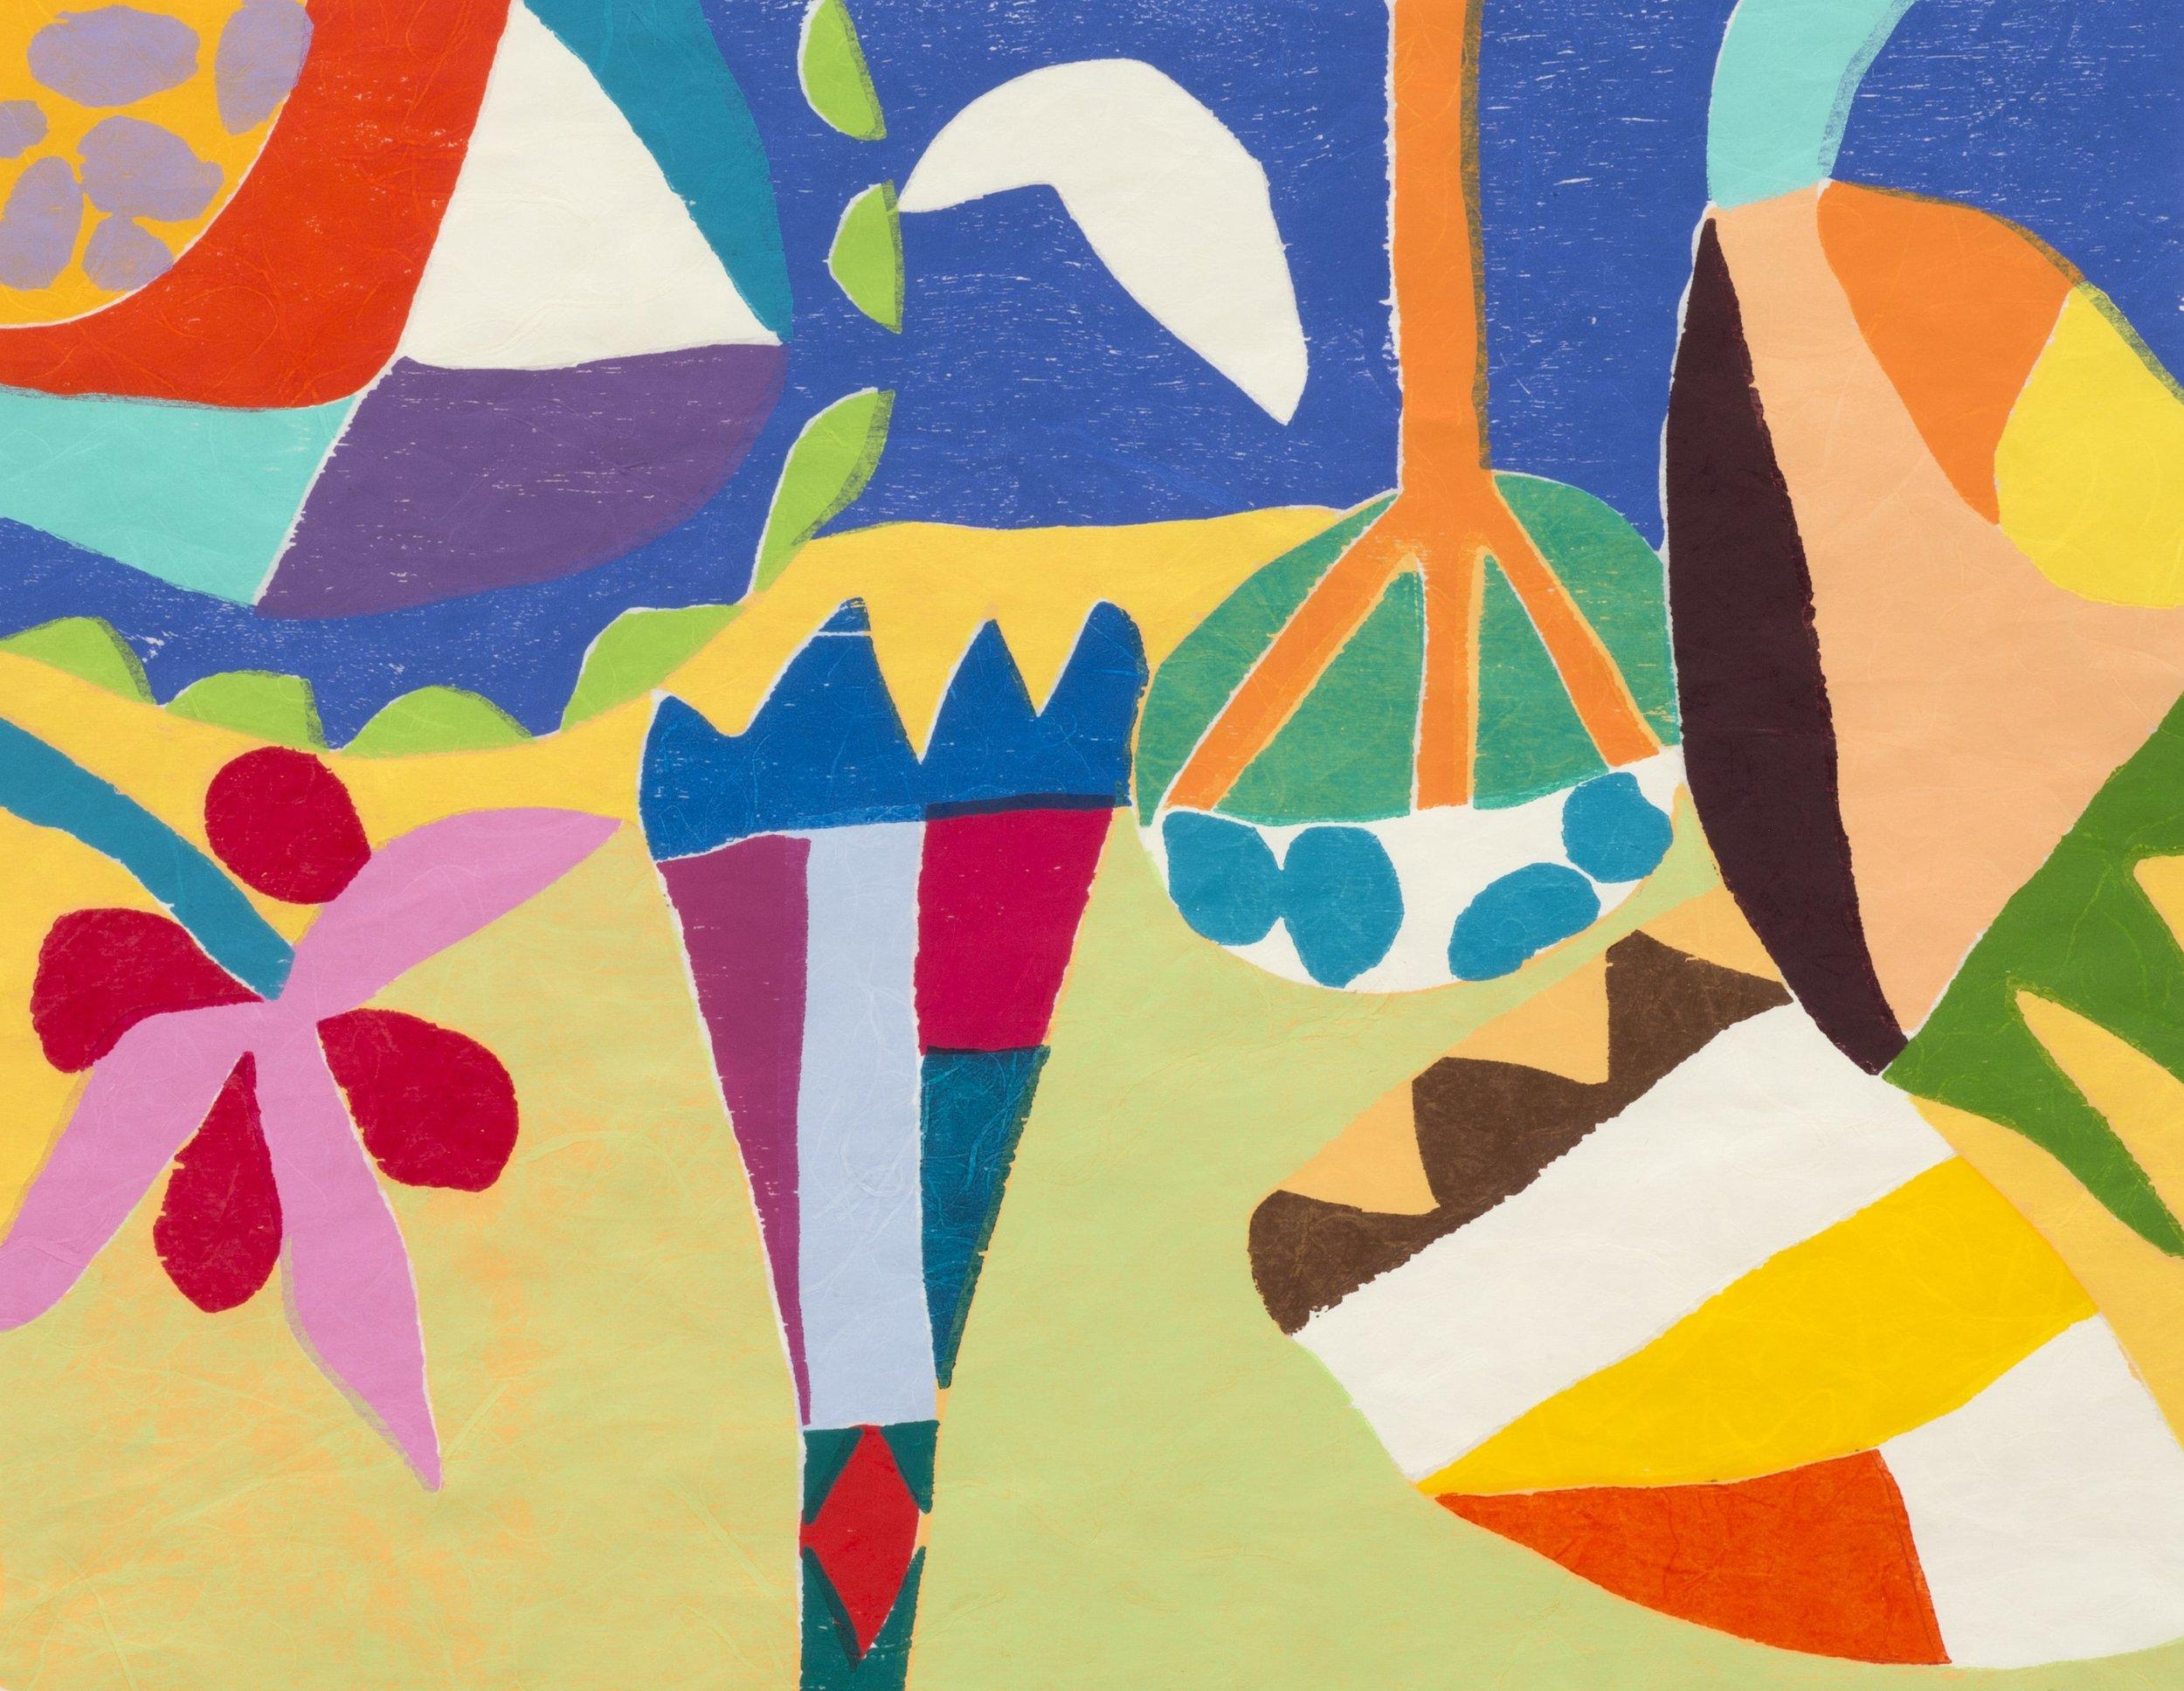 Gillian Ayres, Nabta - c/o Alan Cristea Gallery